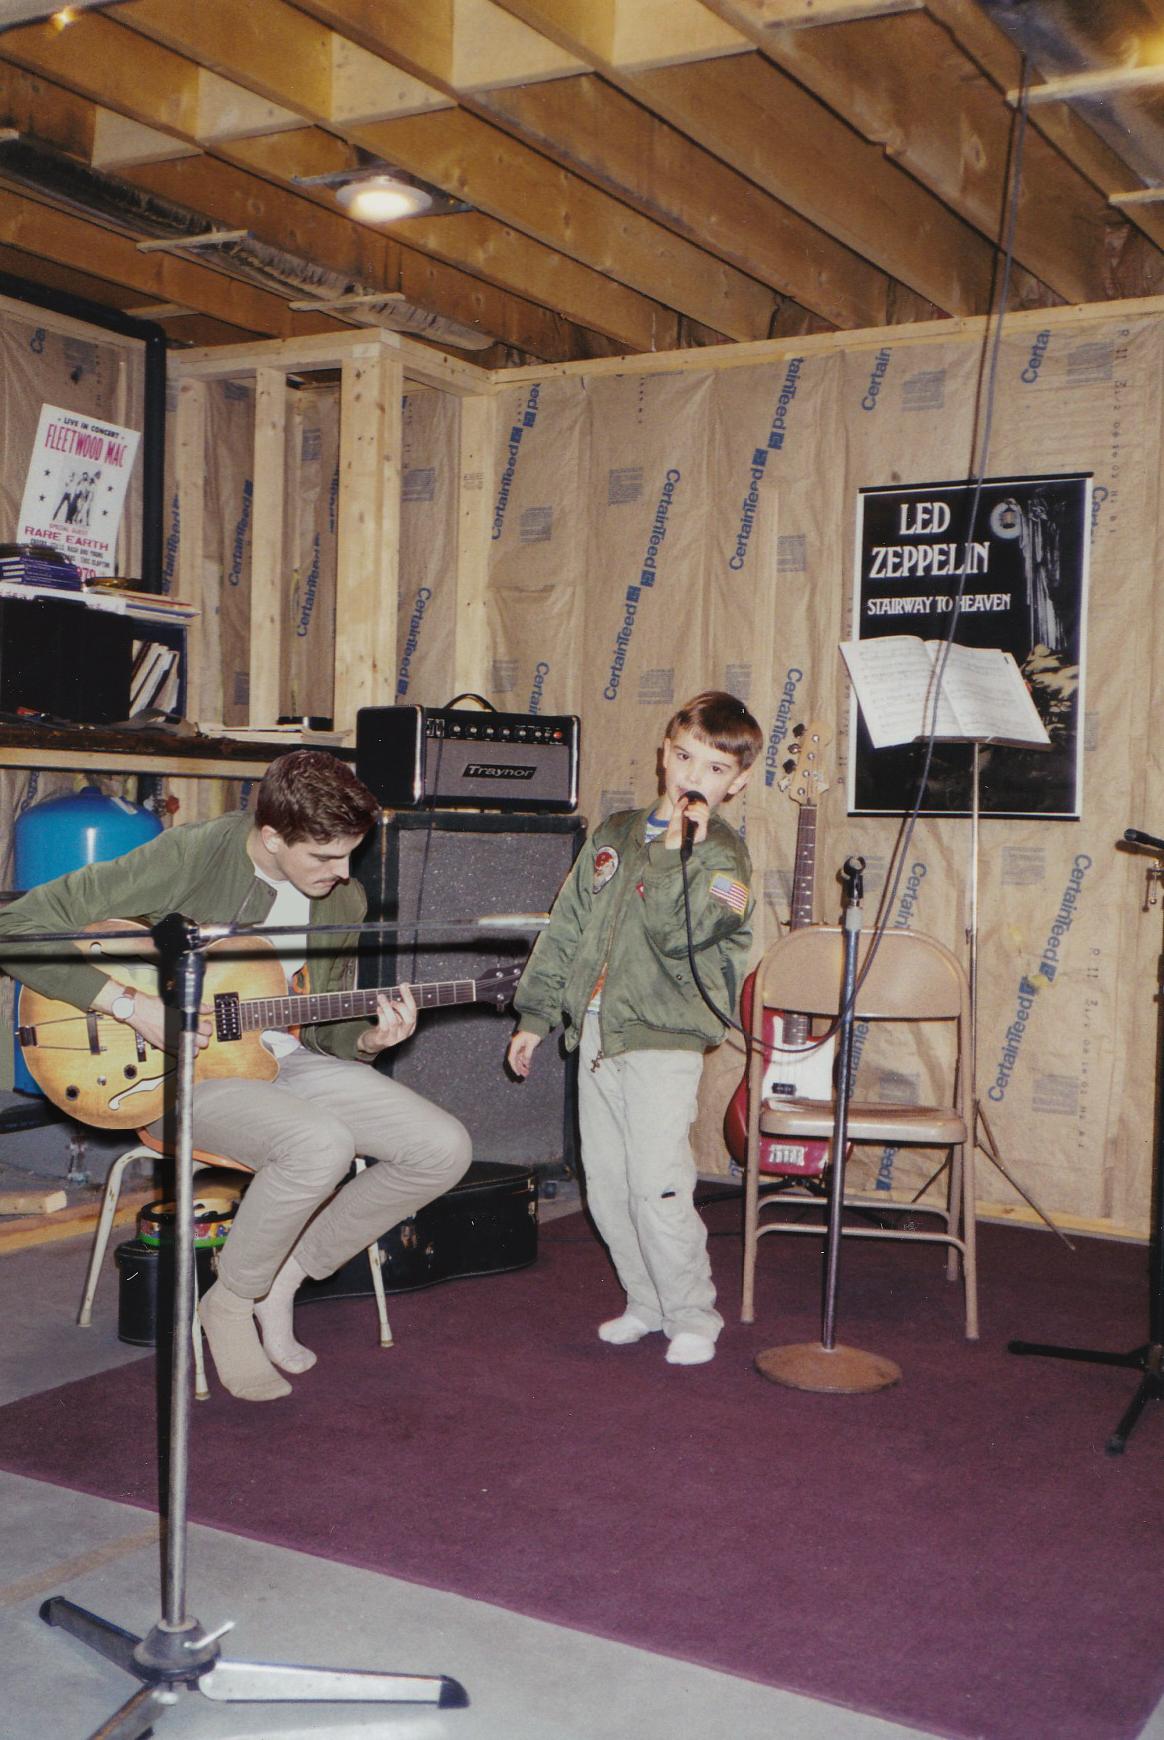 Mężczyzna gra na gitarze, chłopak śpiewa